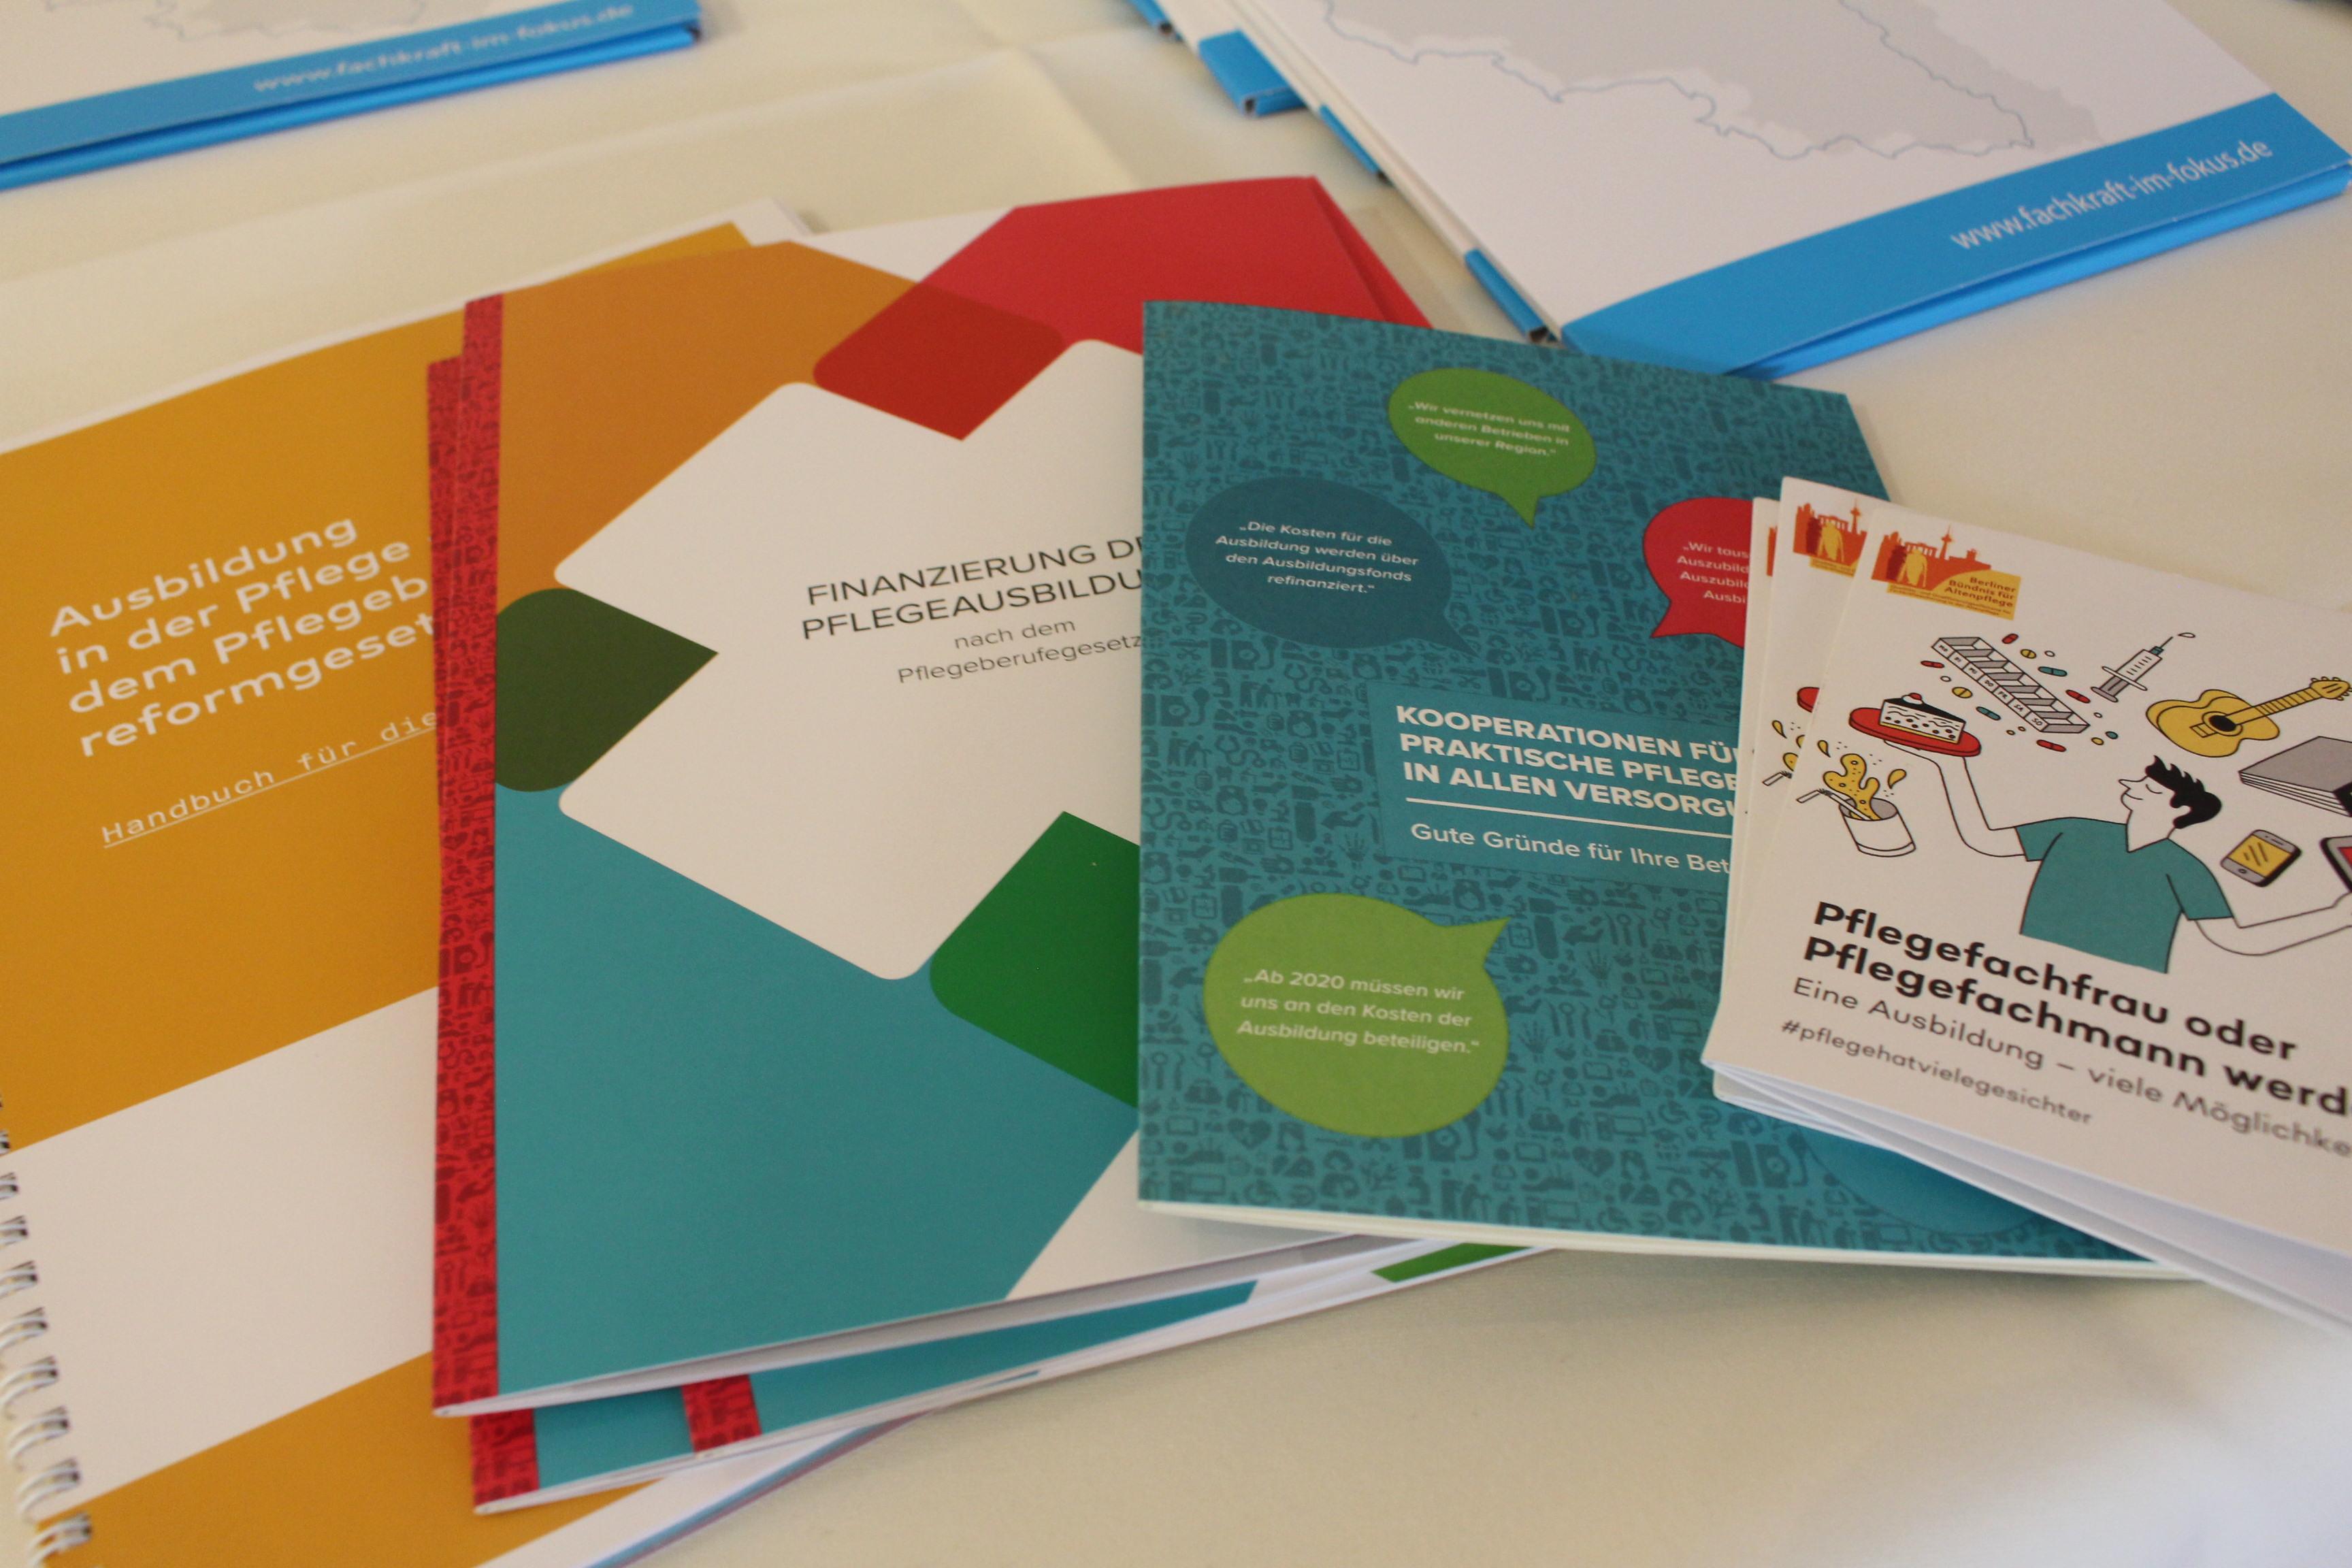 Verschiedene Broschüren zum Pflegeberufereformgesetz liegen auf dem Tisch